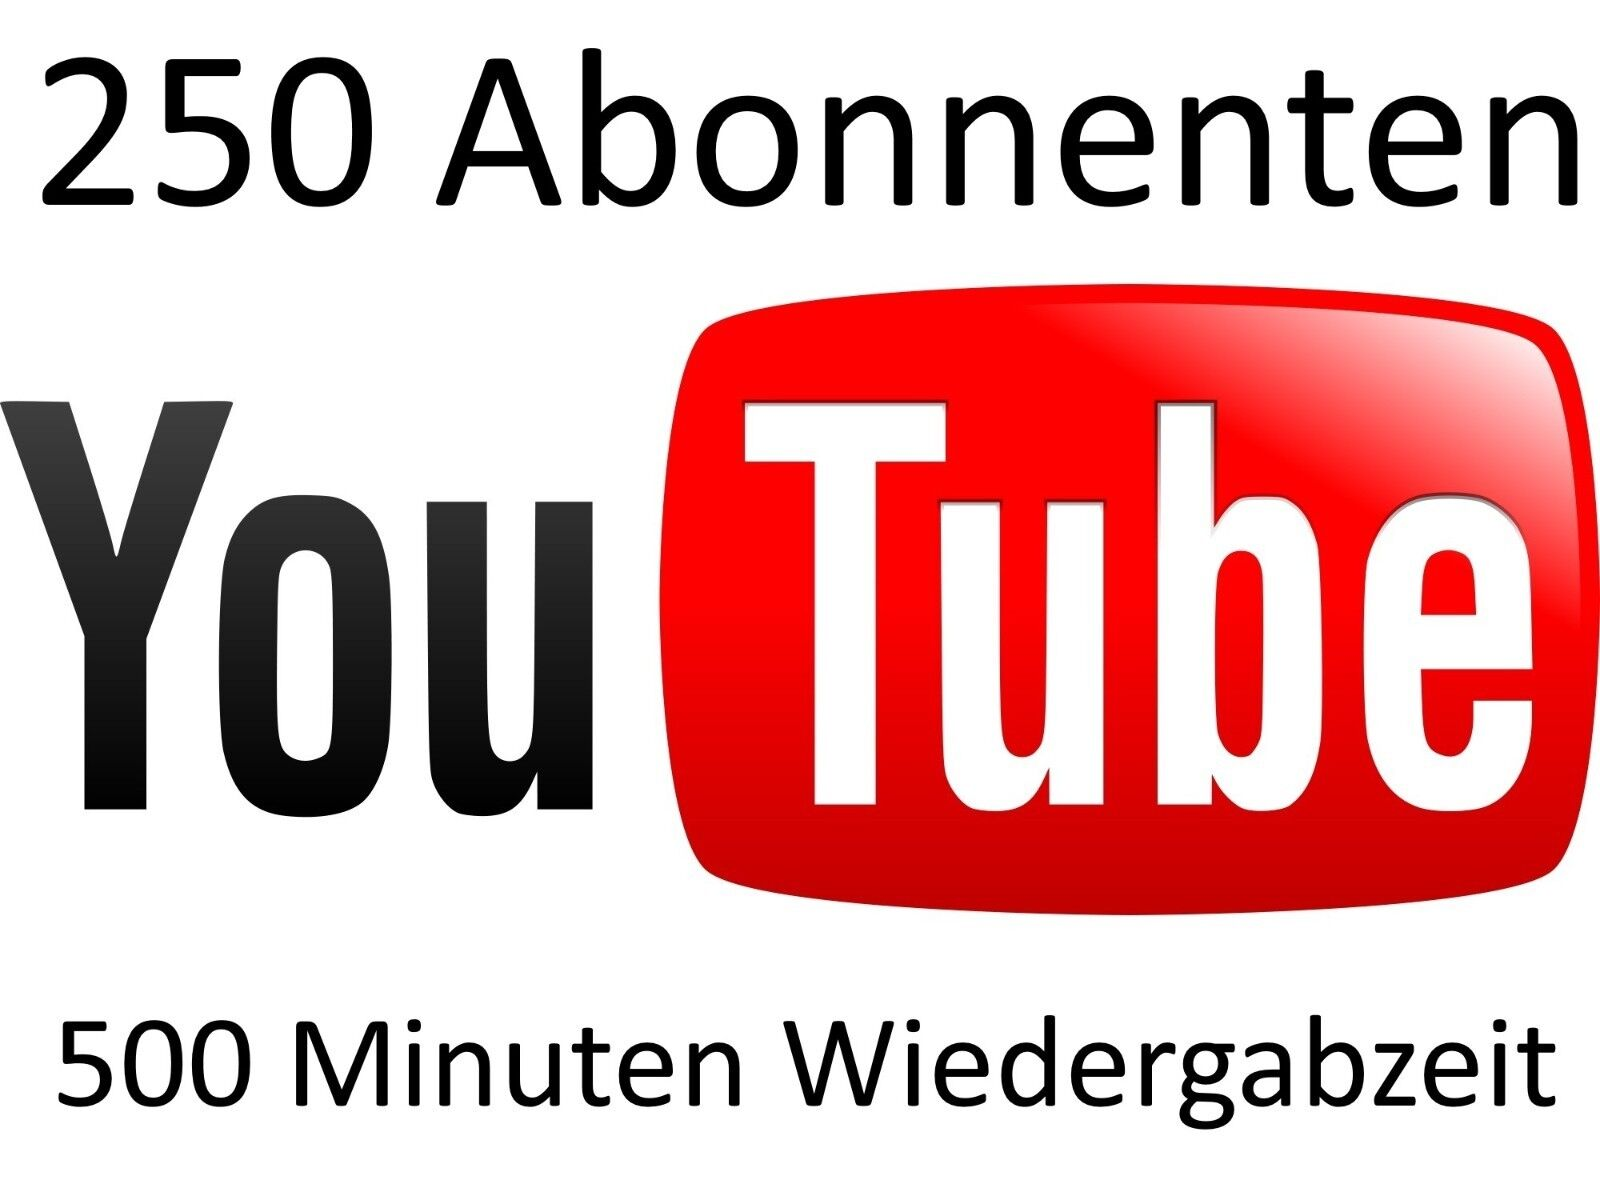 250 dauerhafte youtube abonnenten + 500 Minuten Wiedergabezeit abos subs